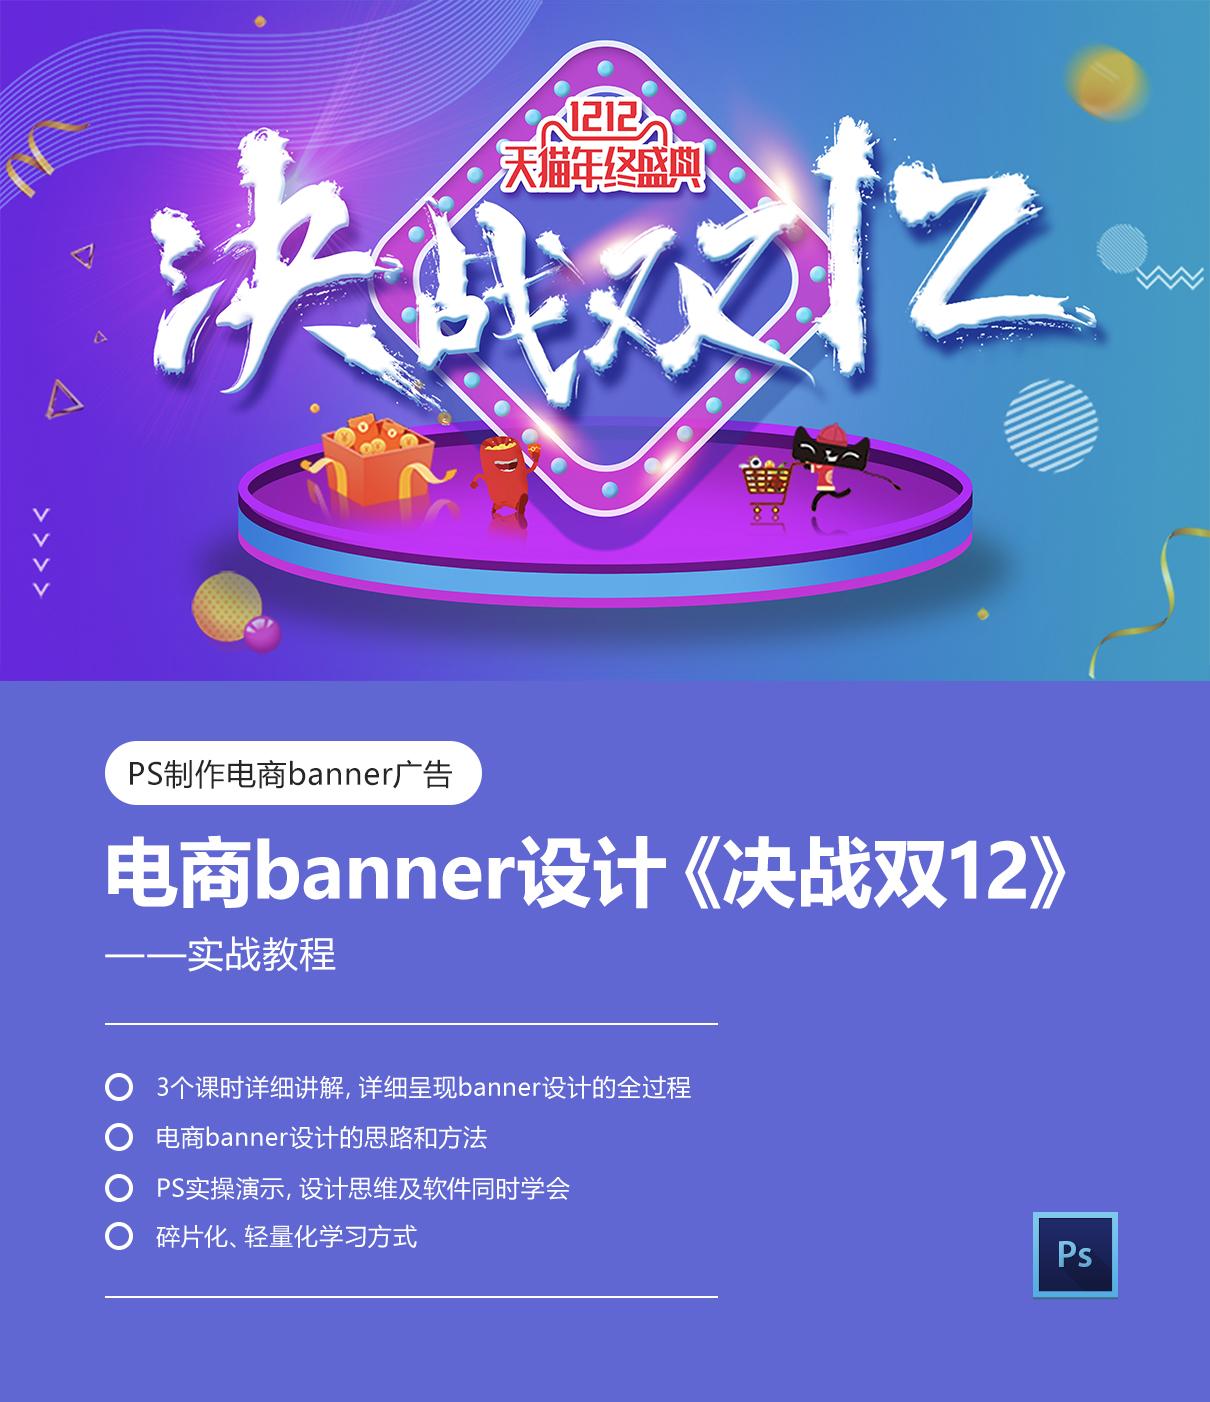 双12电商banner.jpg